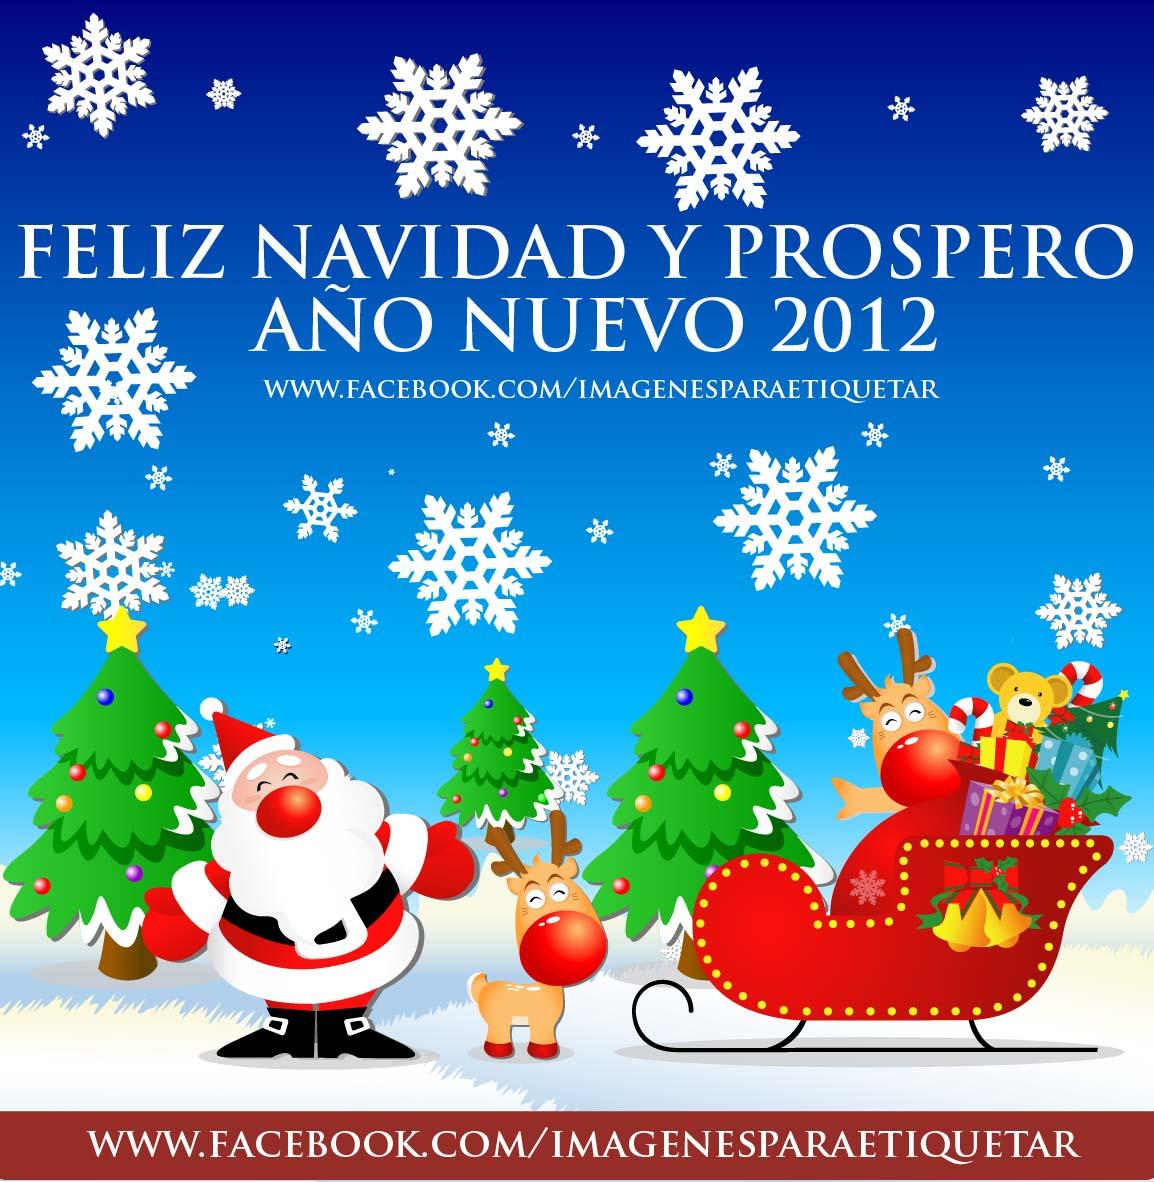 Feliz navidad y un prospero ao nuevo frases bonitas auto - Feliz navidad frases ...